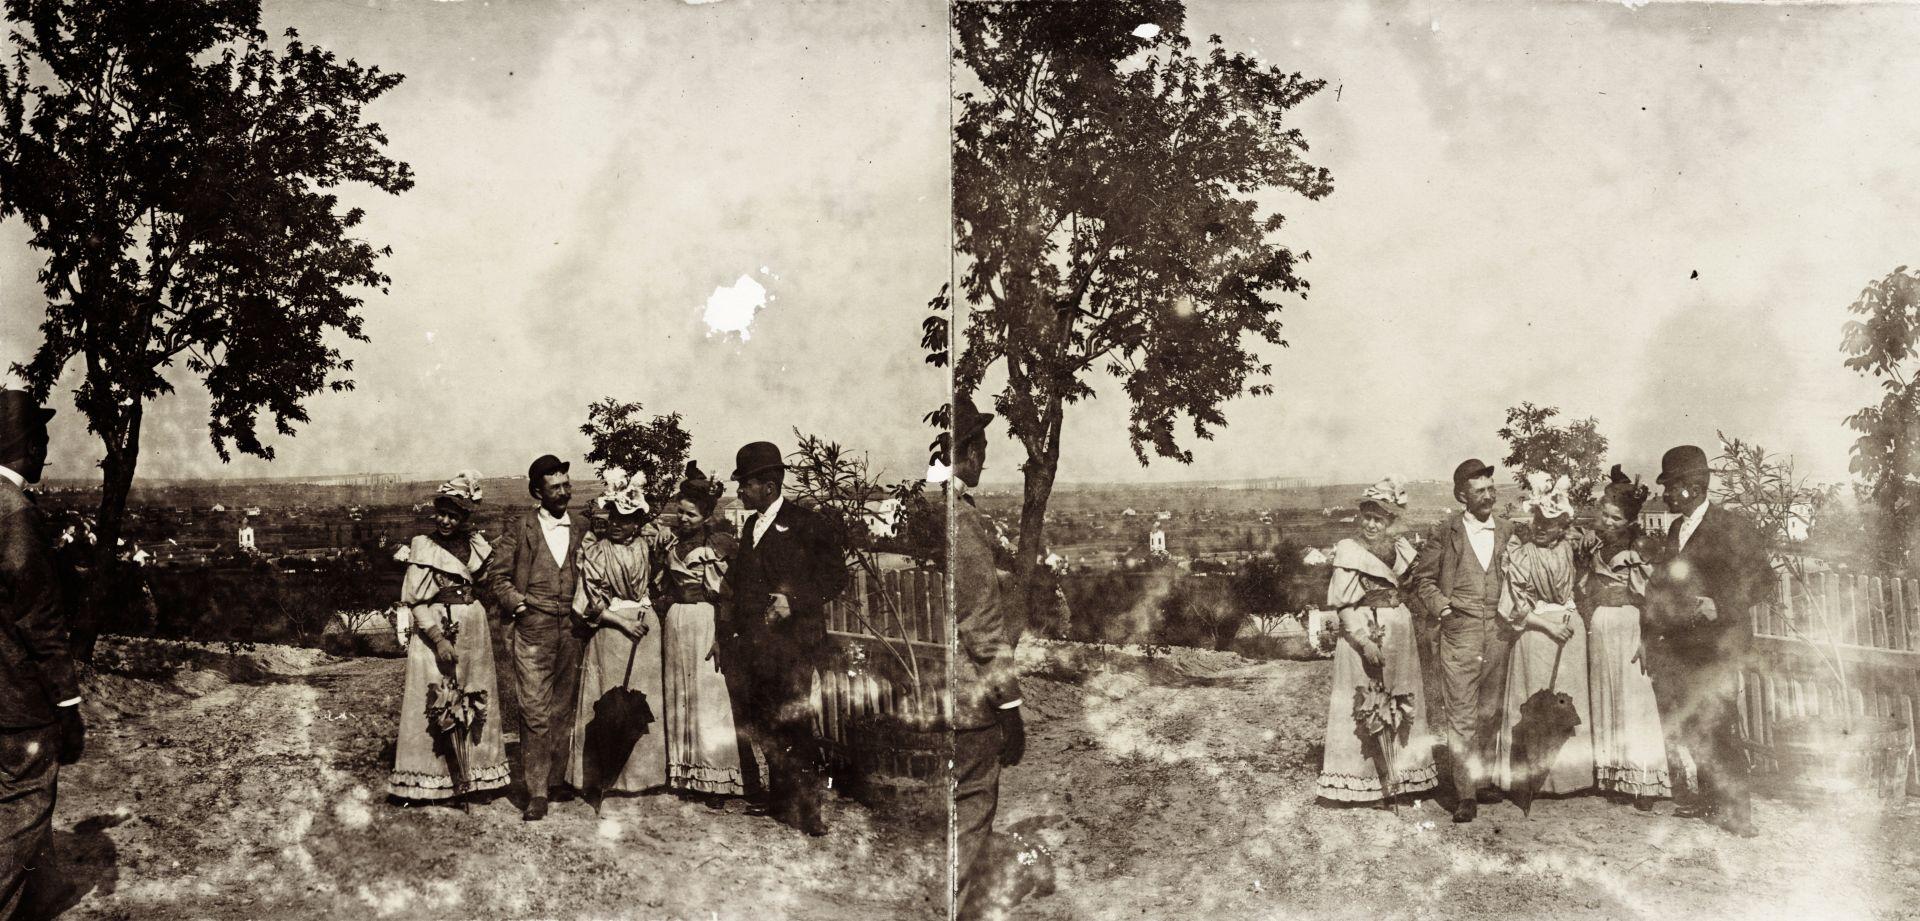 Kilátás az egykori Papsoka település Szent Mihály-templomának romjaitól a Balaton felé. A felvétel 1894-ben készült.